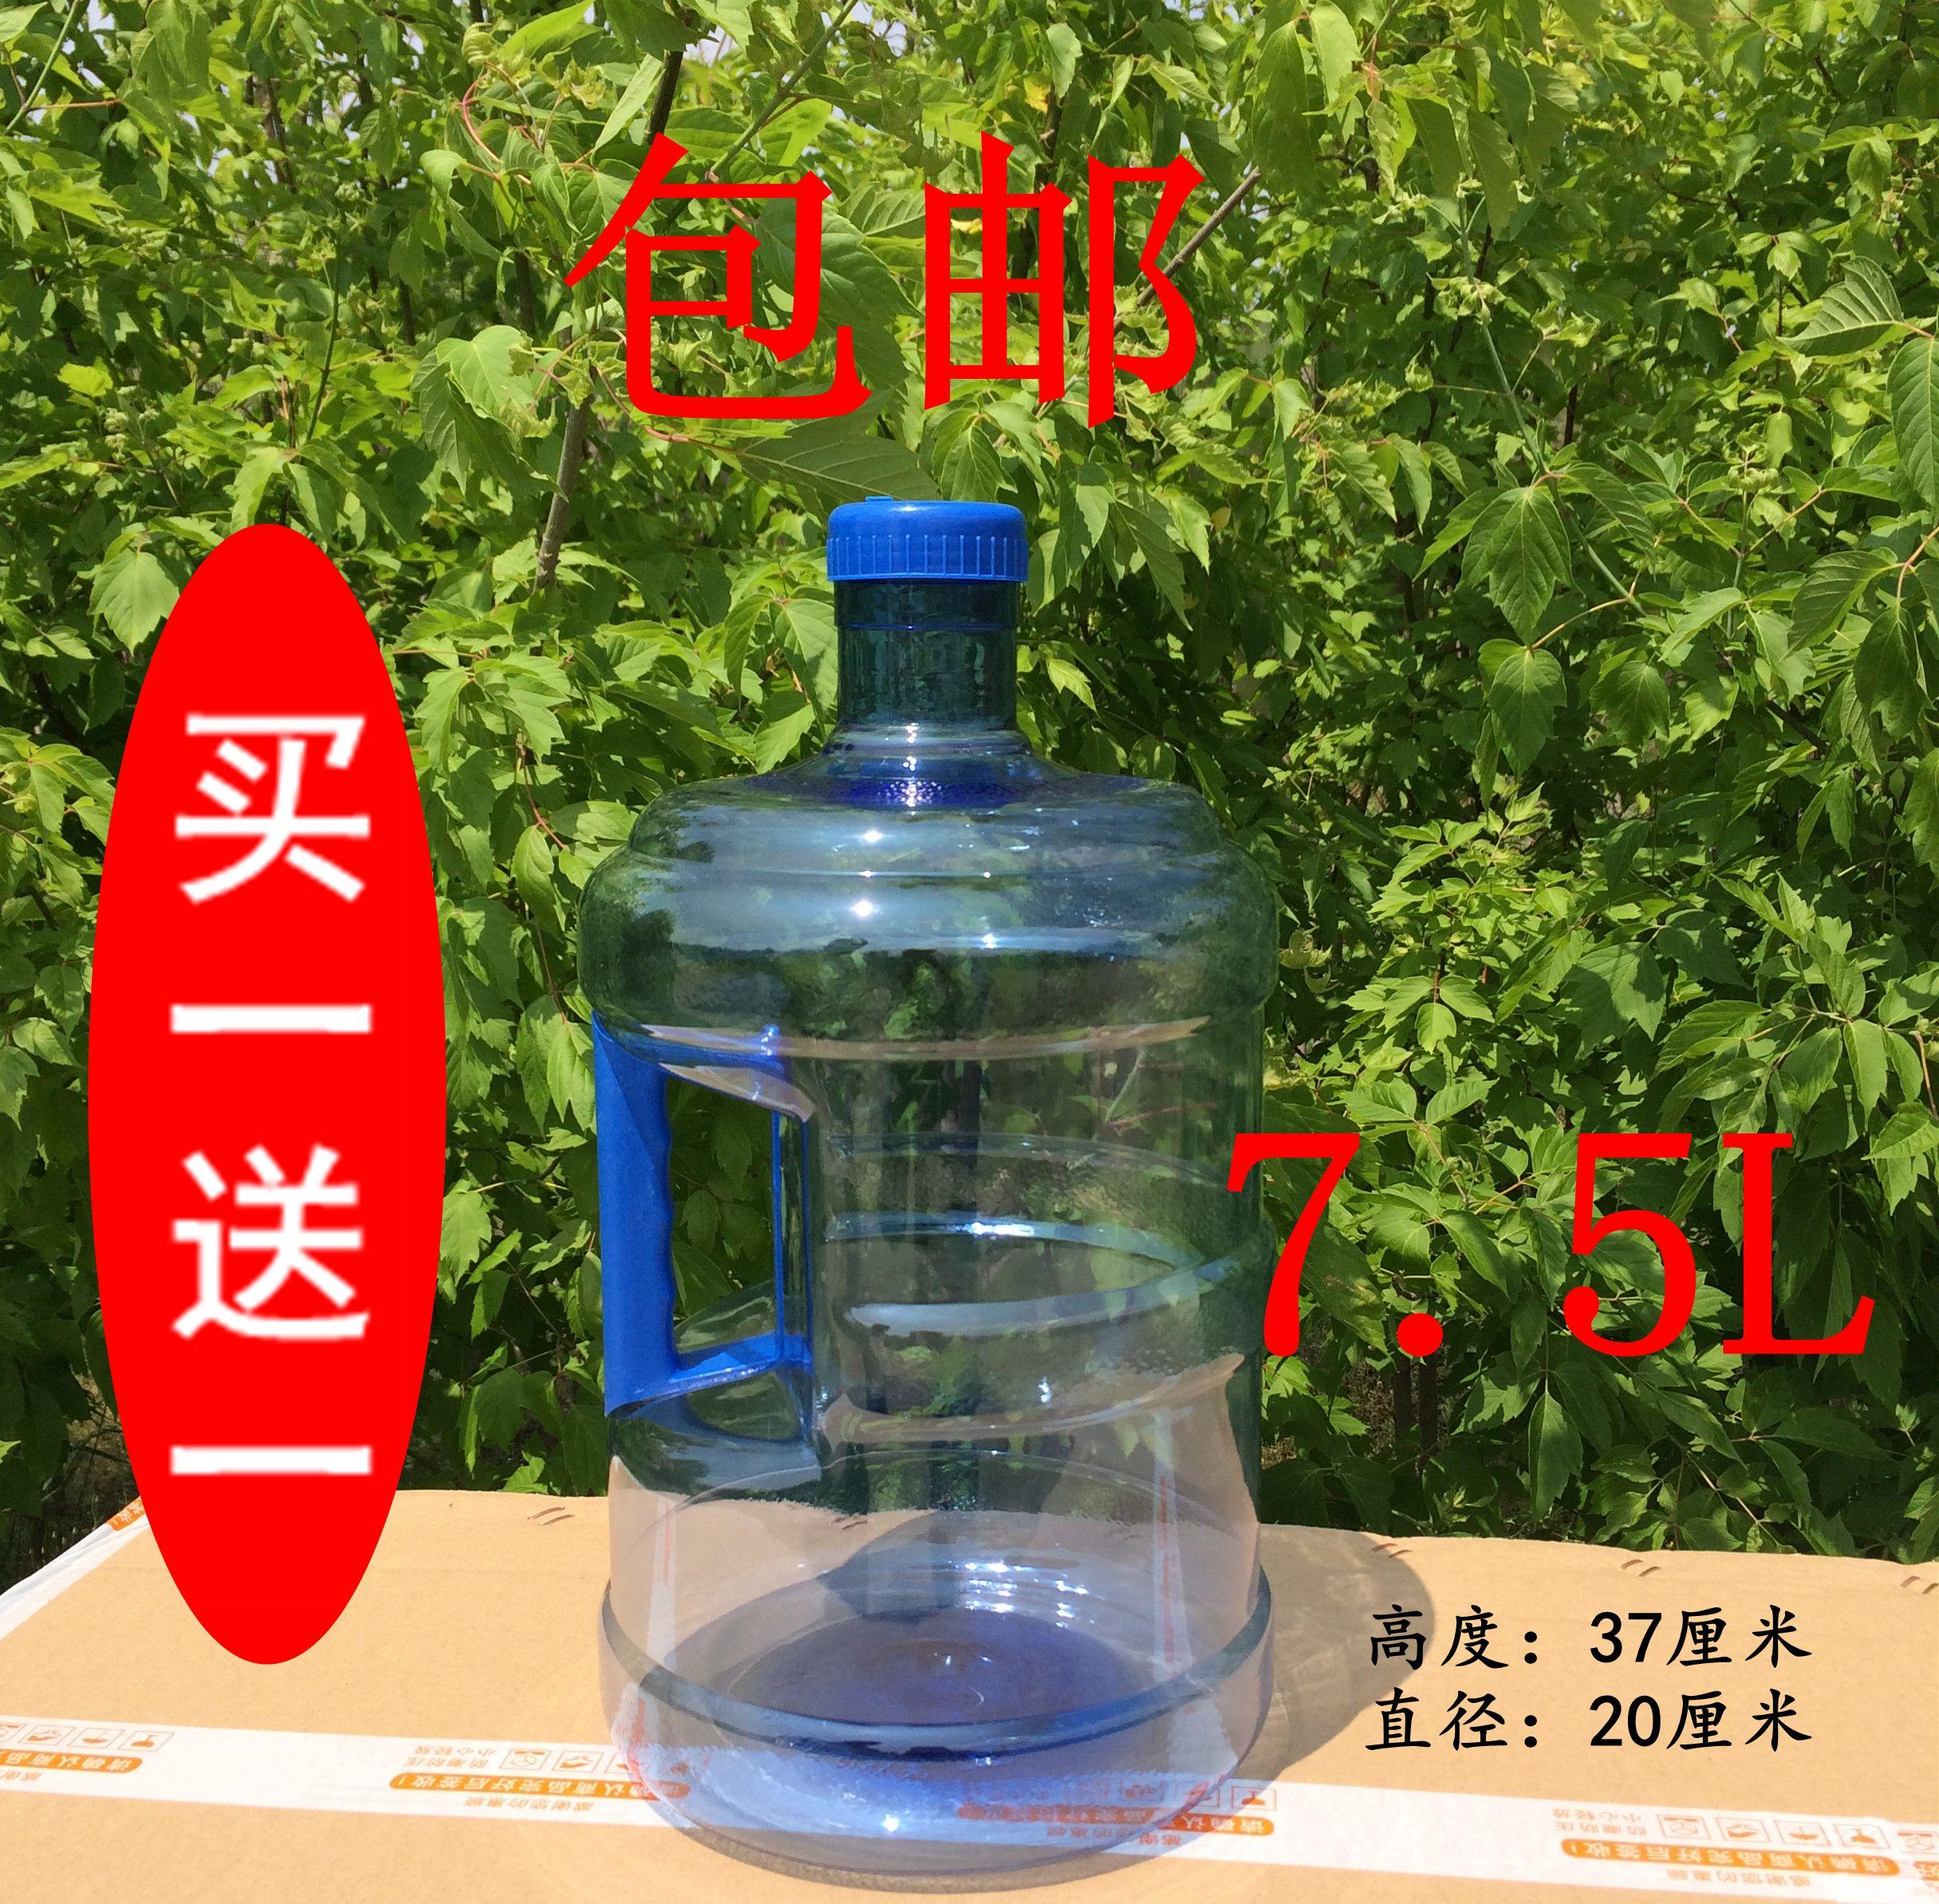 Питьевой баррель 7.5 литровый pet питьевой баррель 7.5l питьевой баррель 7.5 литровый питьевой баррель продавать вода 7.5 литровый чистый ведро